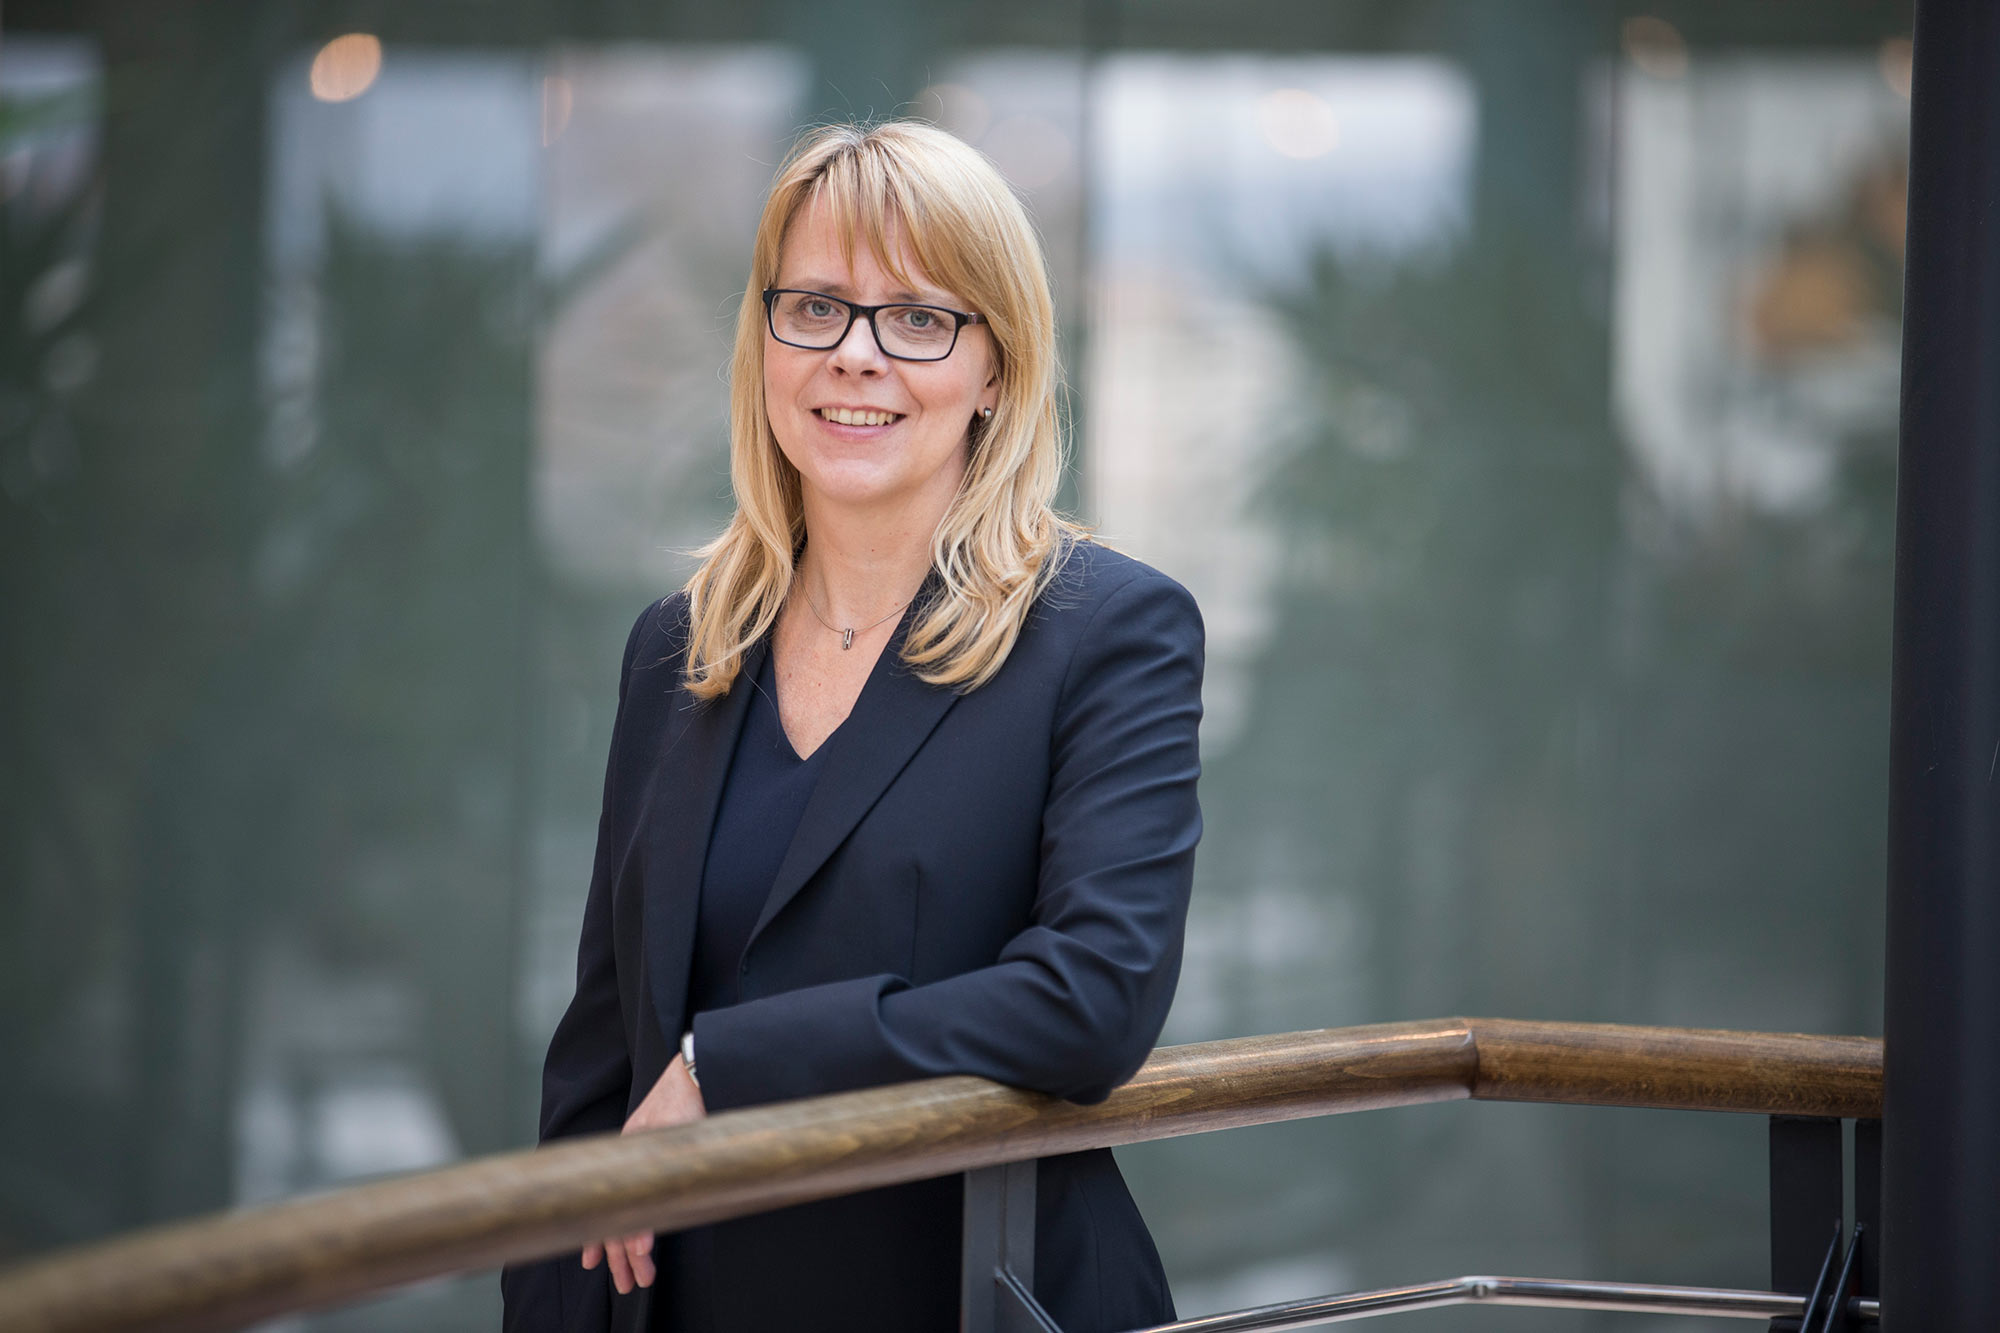 Fachanwalt für Arbeitsrecht - Sylvi Dittrich